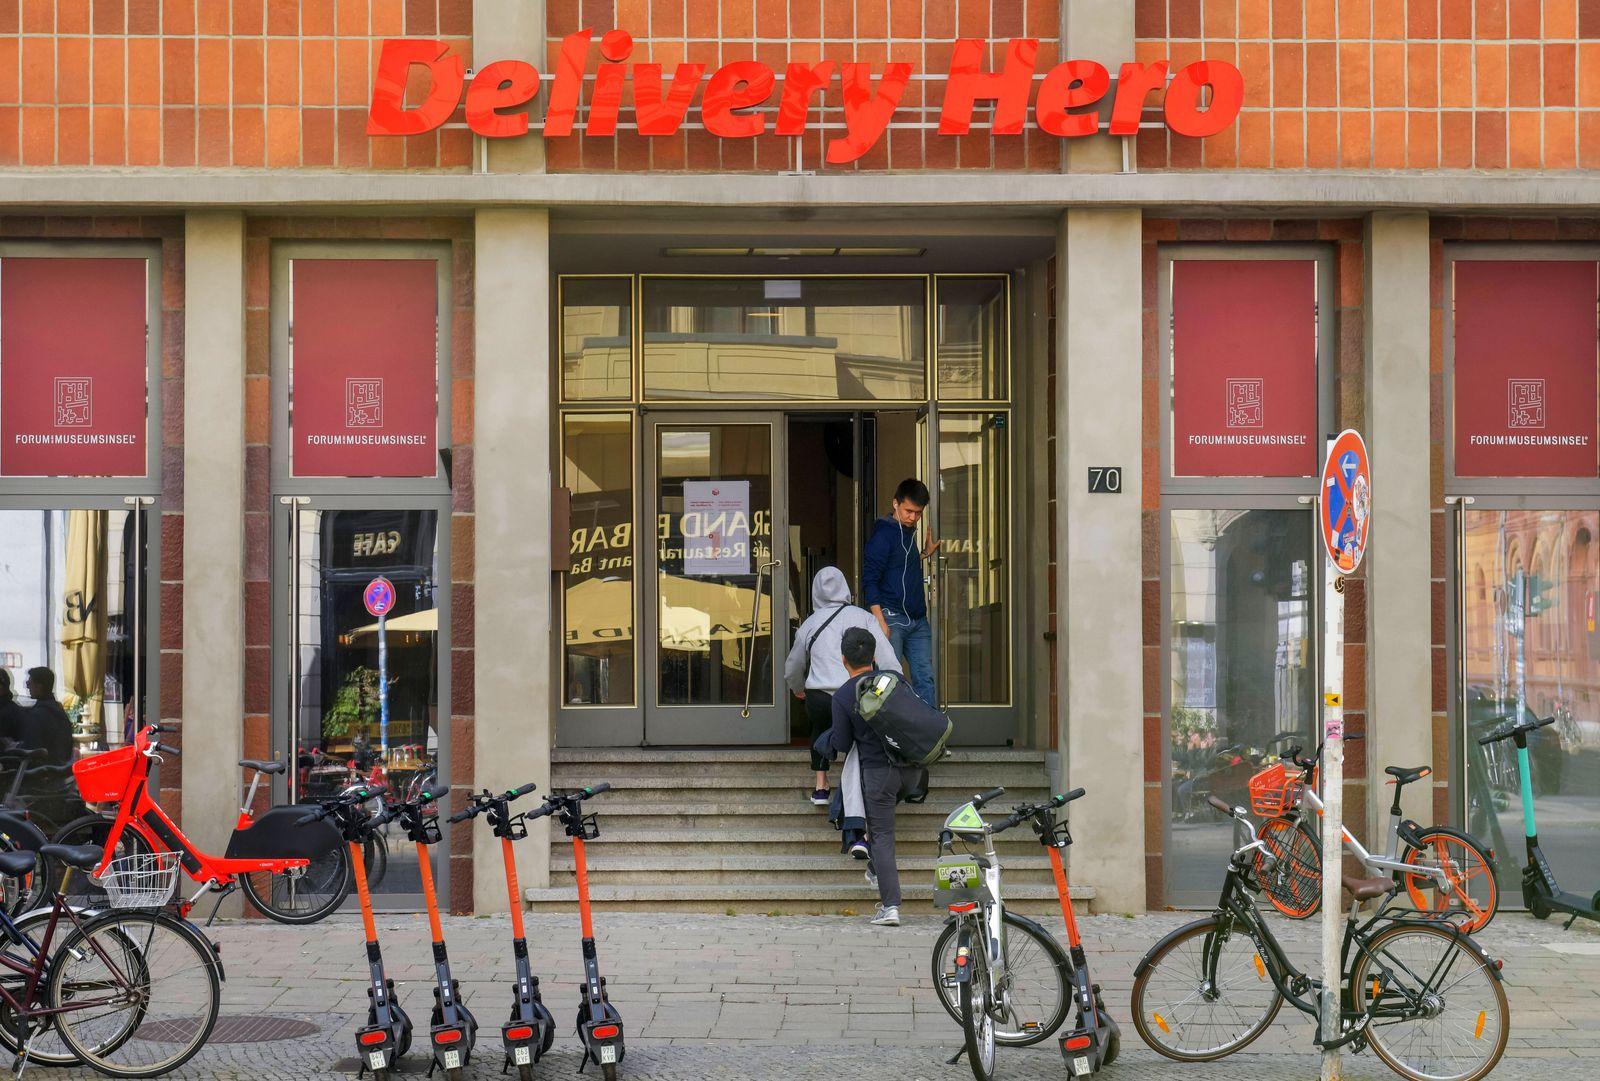 Delivery Hero, Oranienburger Strasse, Mitte, Berlin, Deutschland *** Delivery Hero, Oranienburger Strasse, Mitte, Berlin